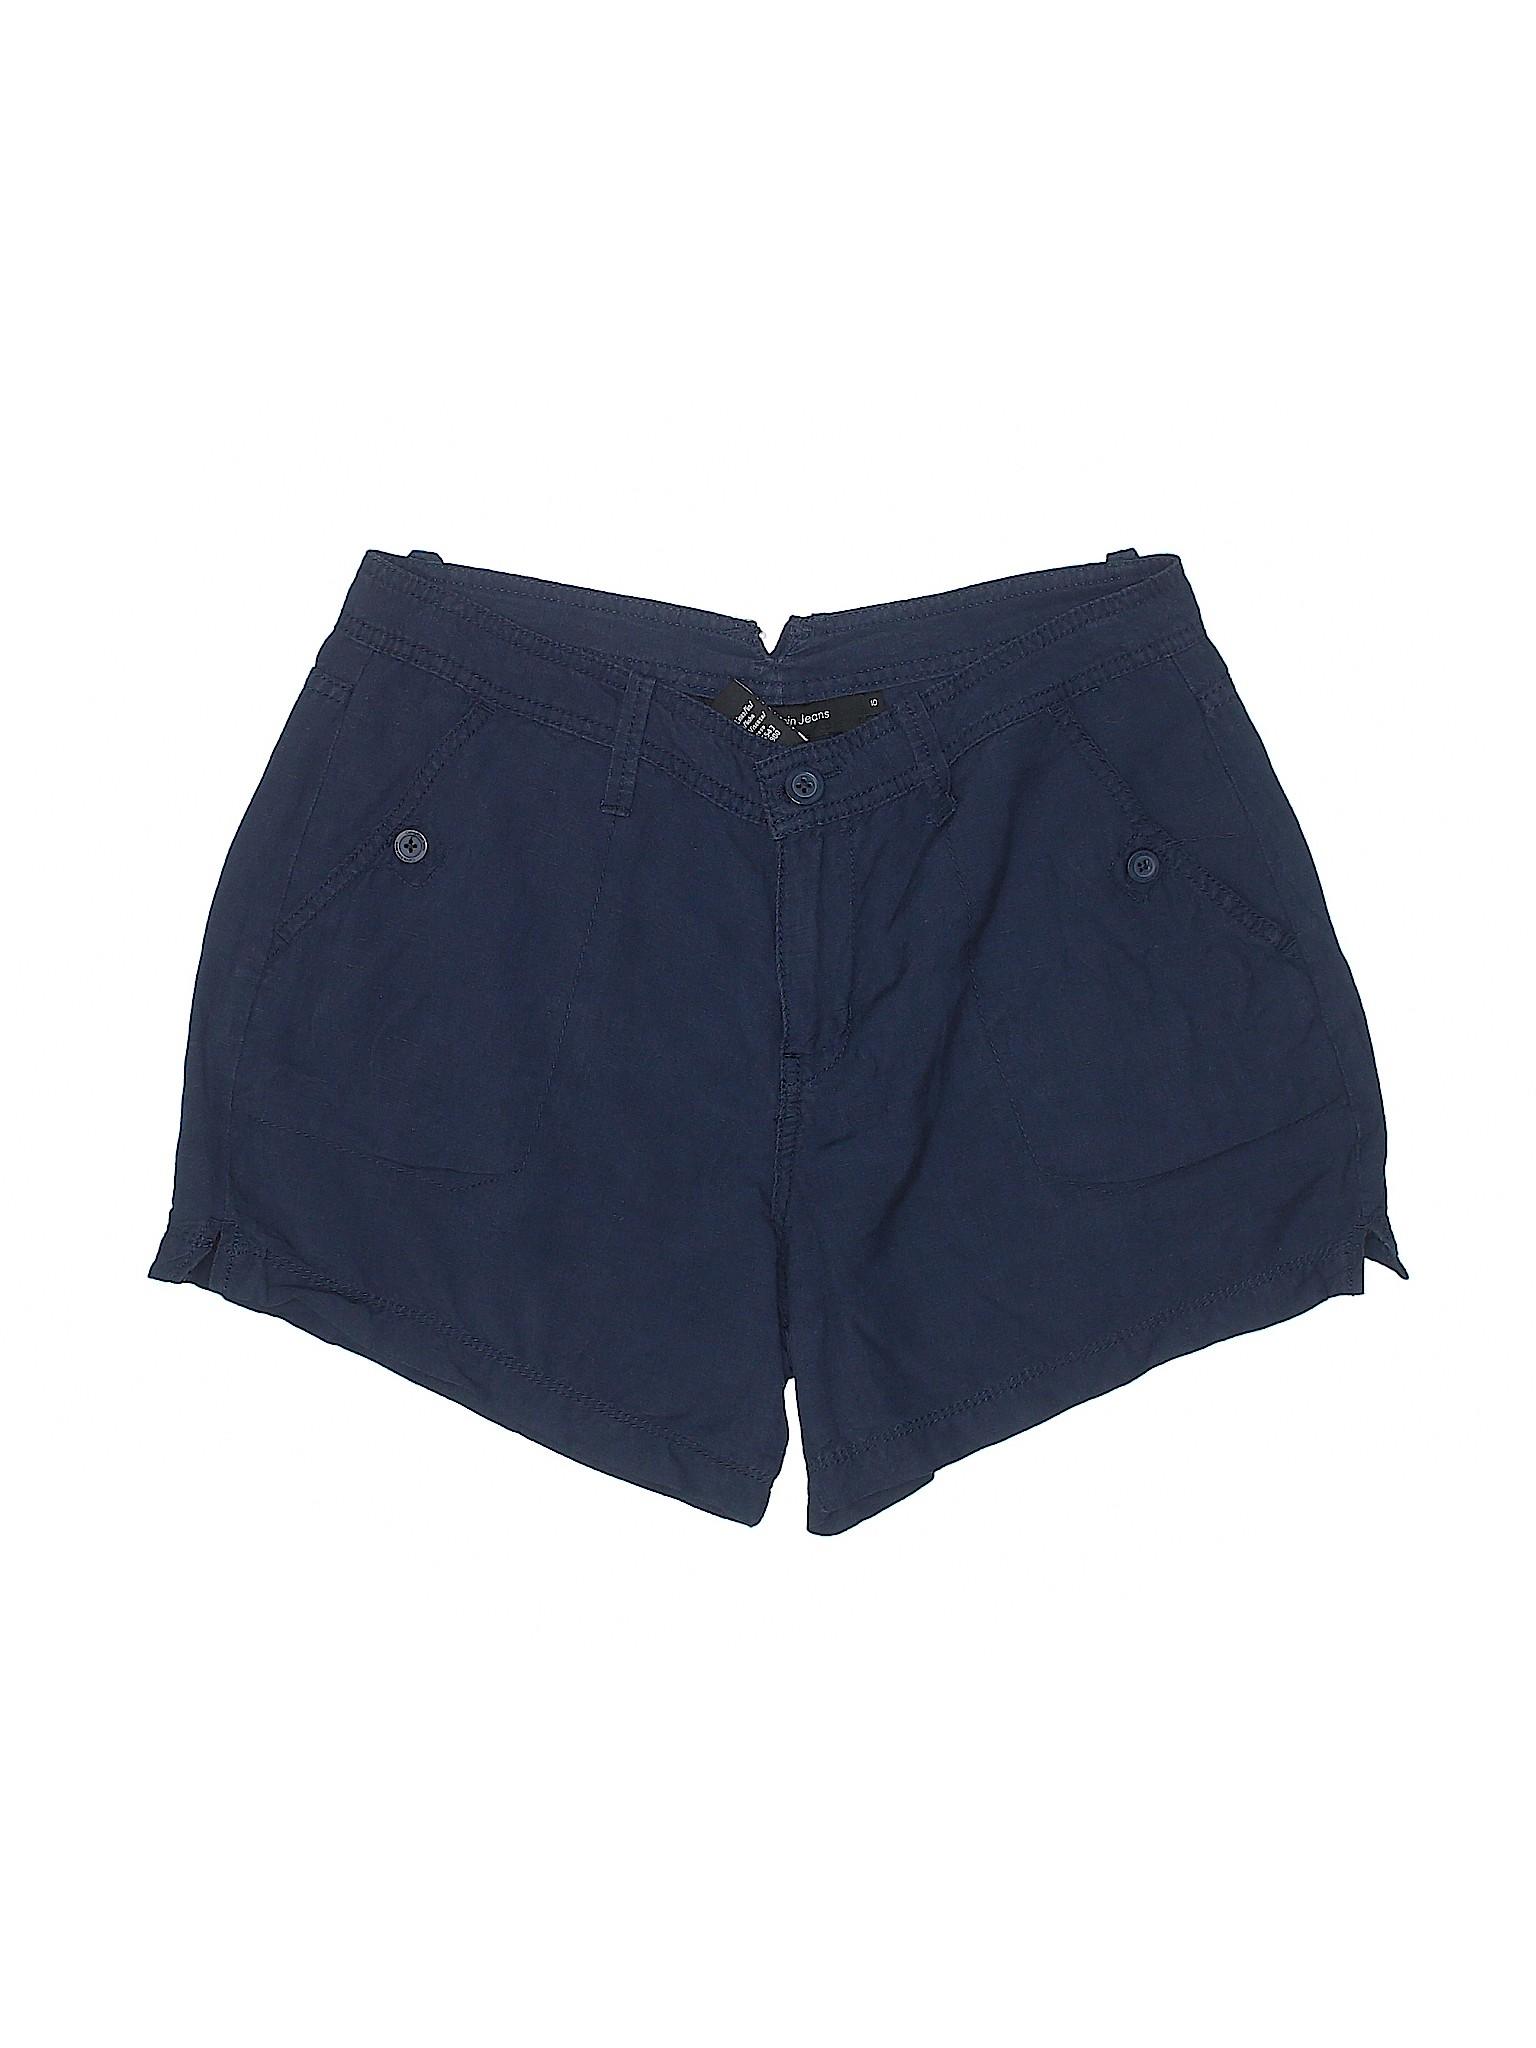 Shorts Boutique JEANS Boutique CALVIN KLEIN JEANS KLEIN CALVIN Shorts Boutique wqA6zxvz